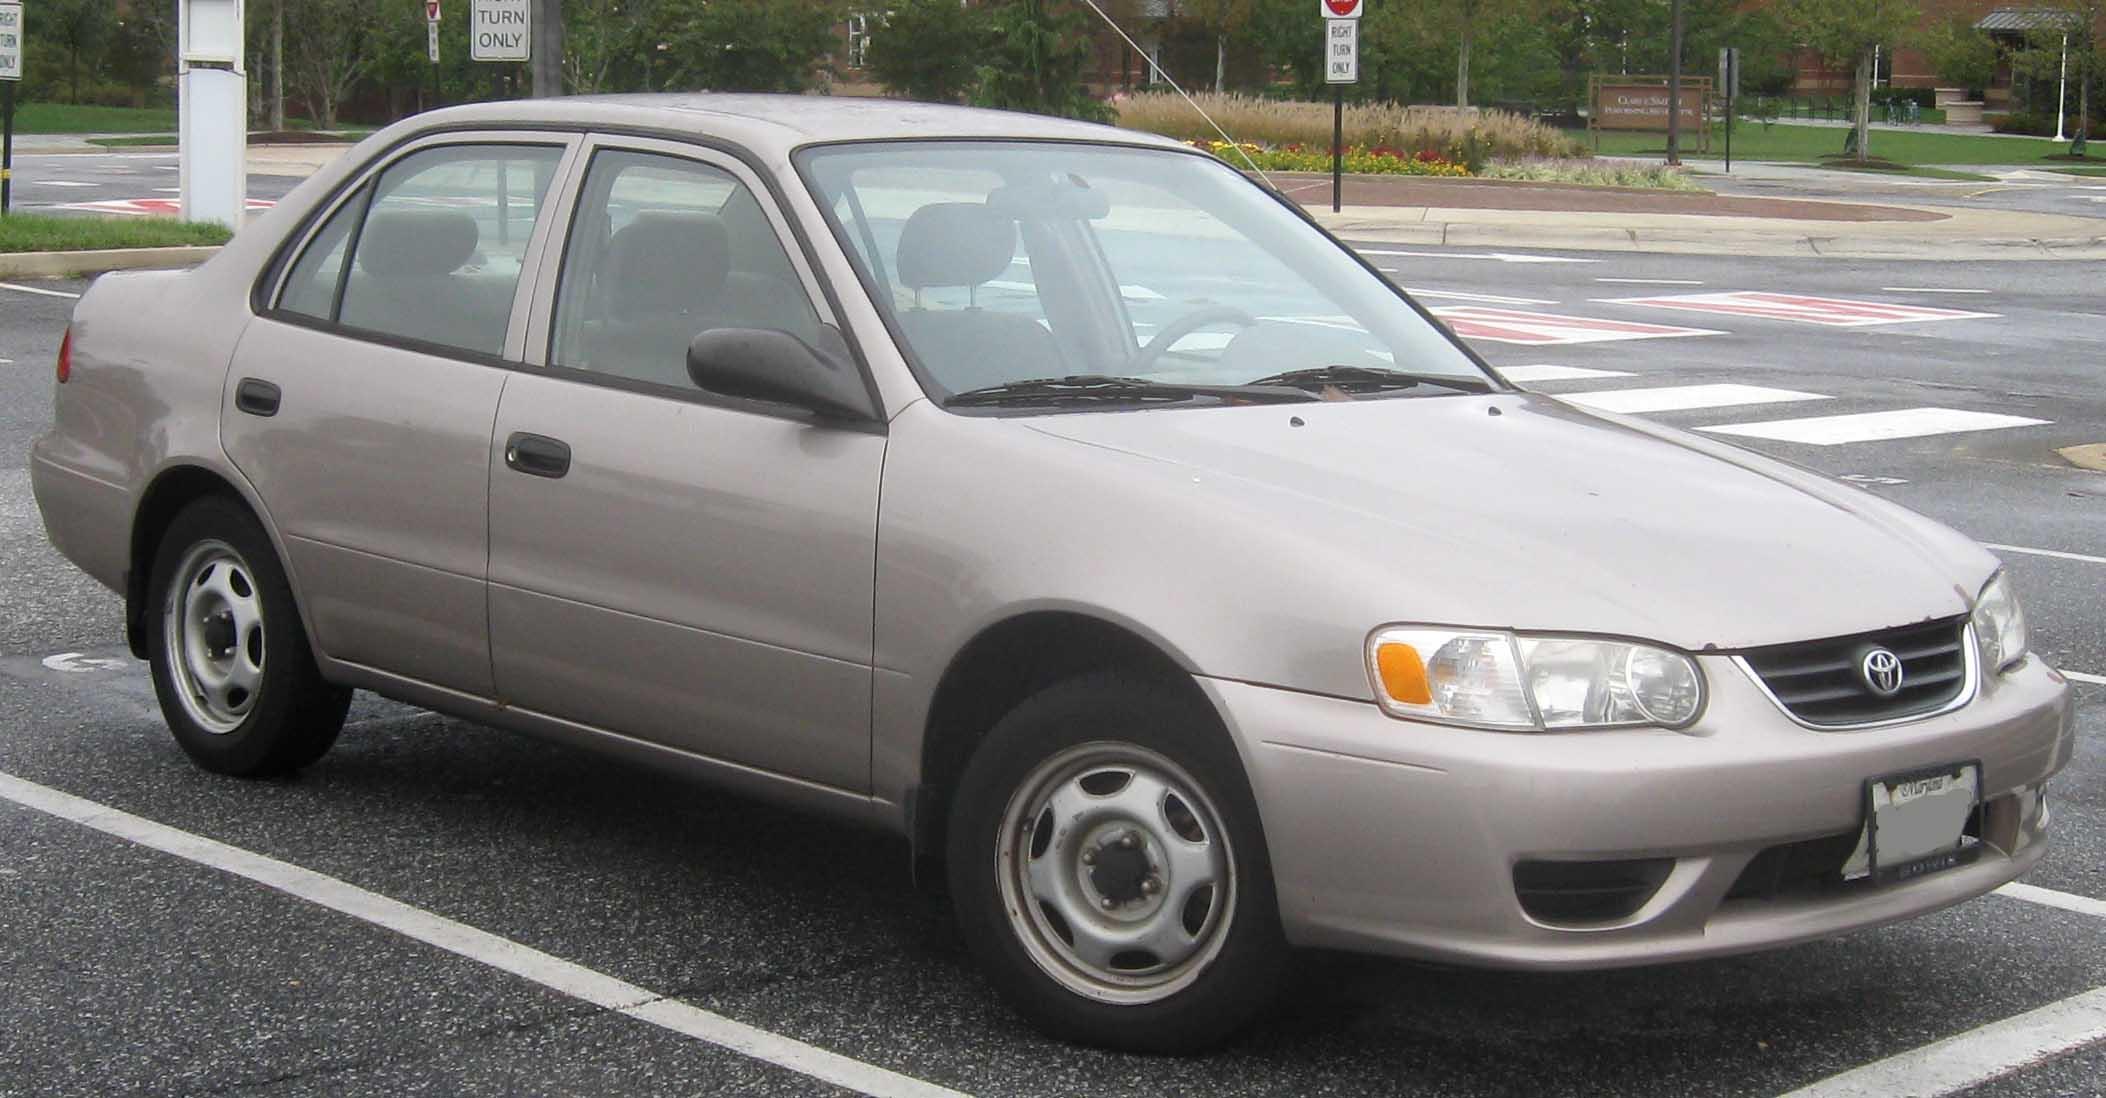 Toyota Corolla 2002 White File:01-02 toyota corolla ce.